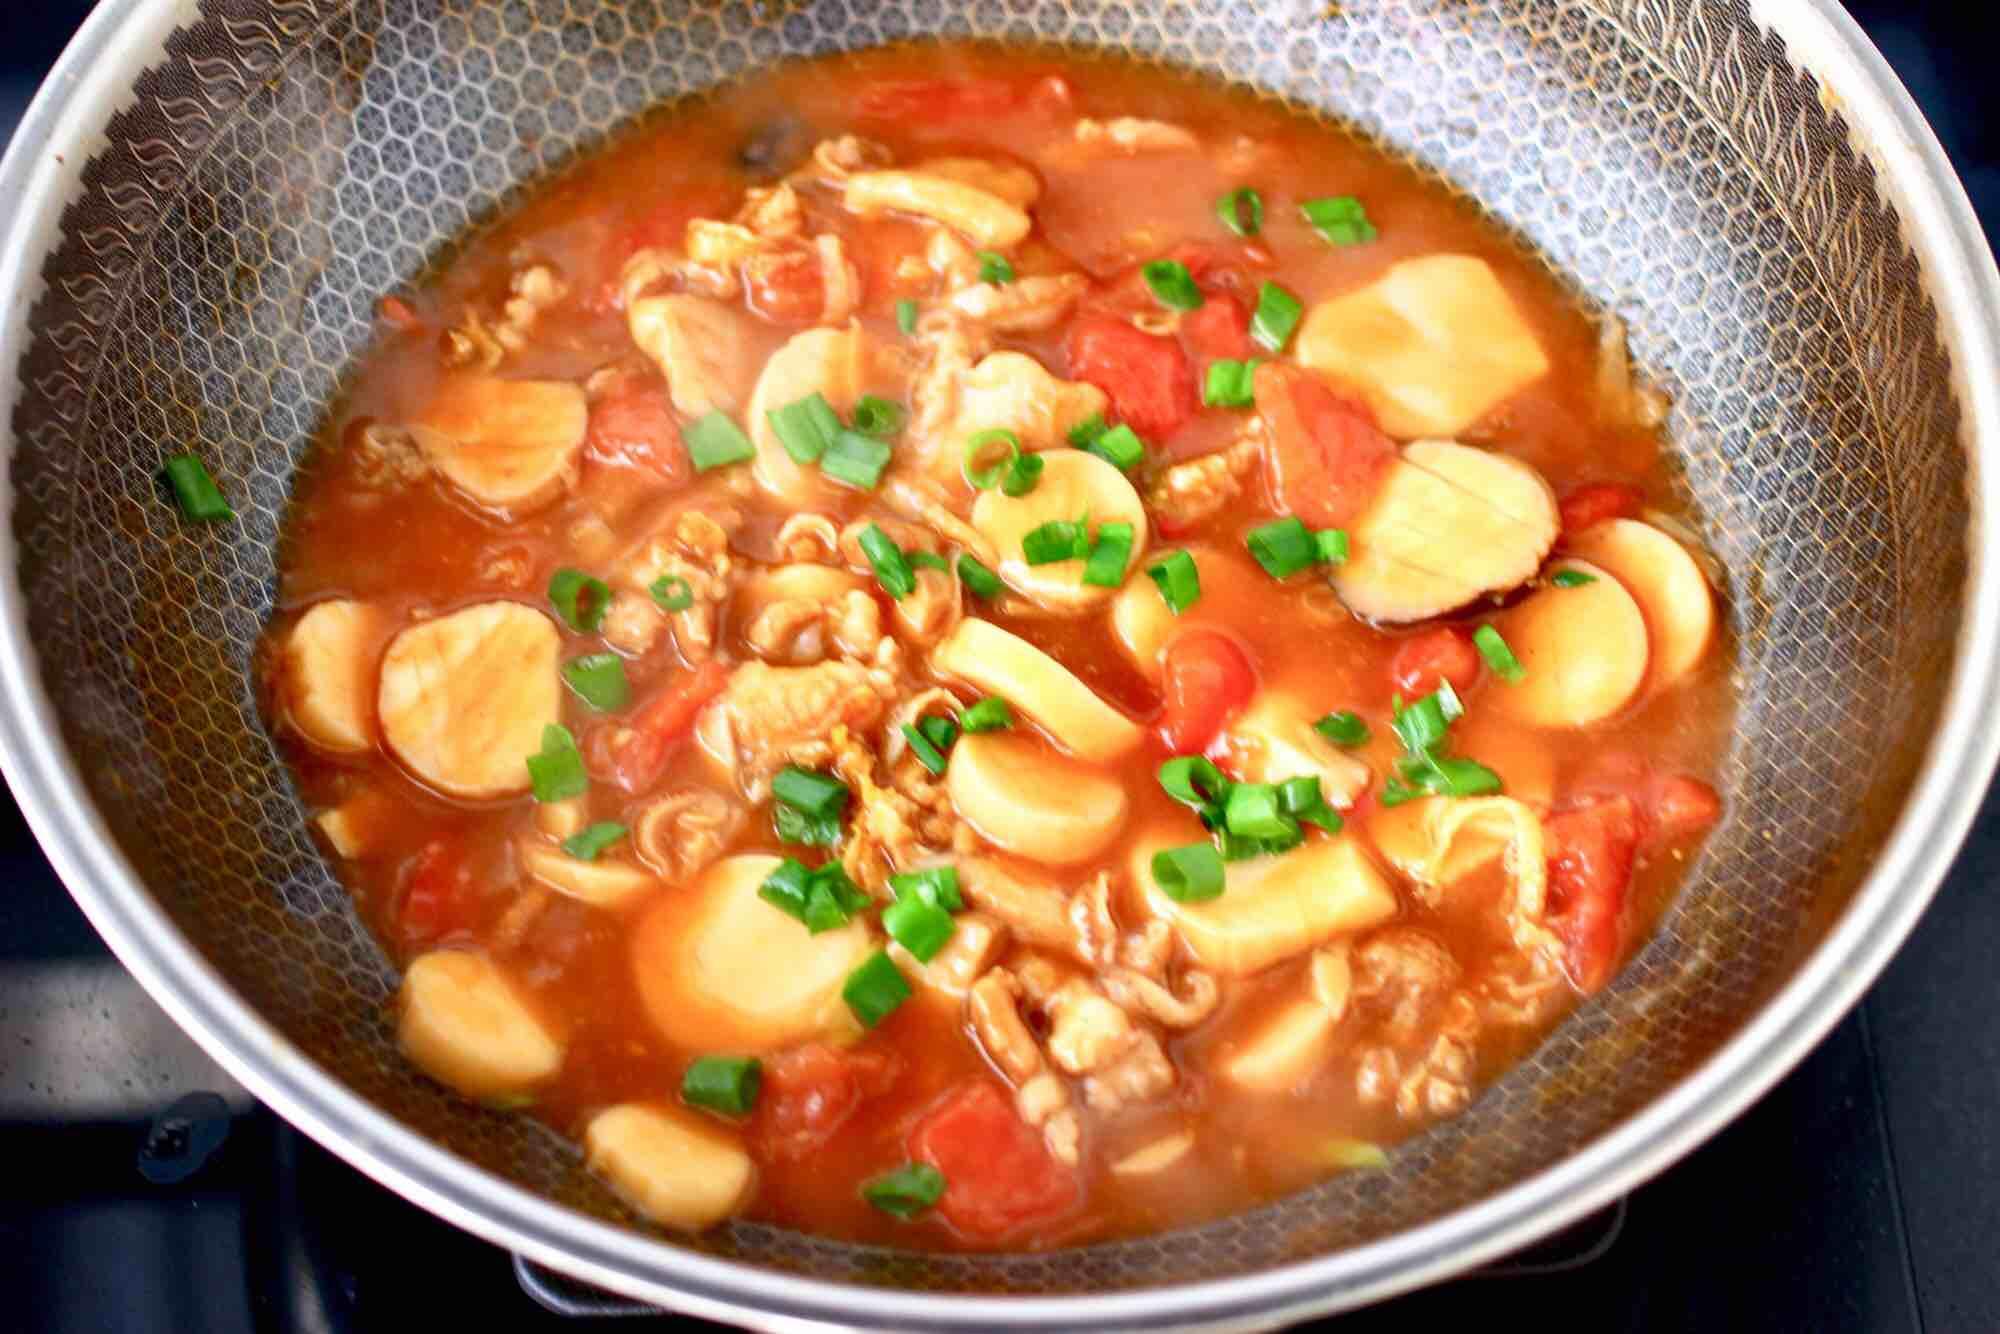 杏鲍菇扇贝花肉煲的制作